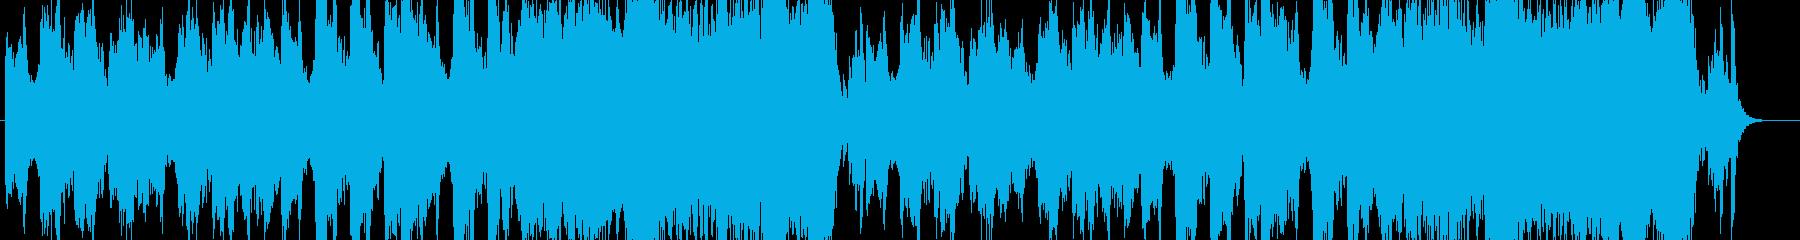 「洞窟」「舞踏会」「ハロウィン」曲B14の再生済みの波形